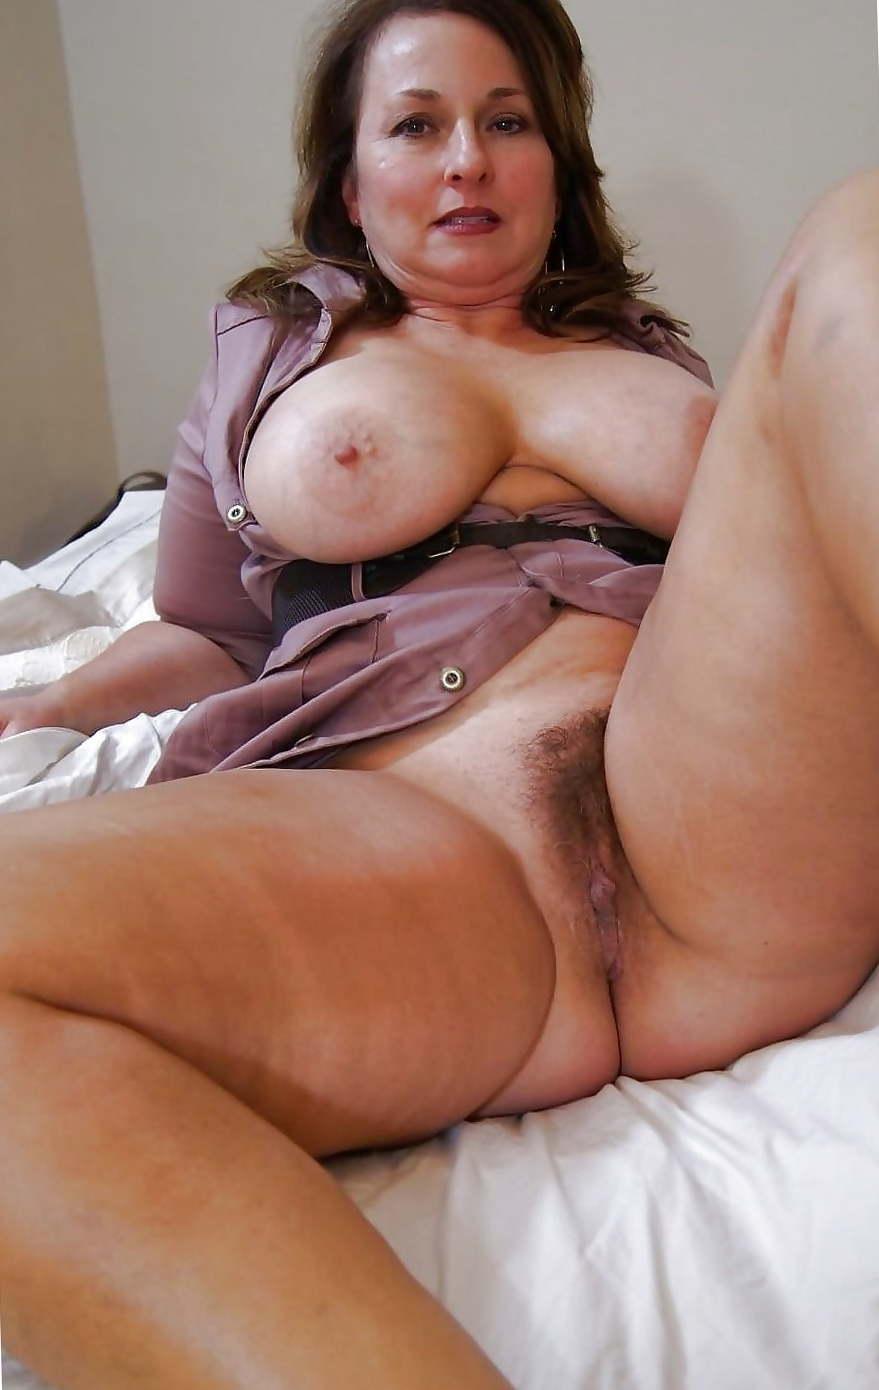 Аппетитные русские зрелые девушки порно в хорошем качестве